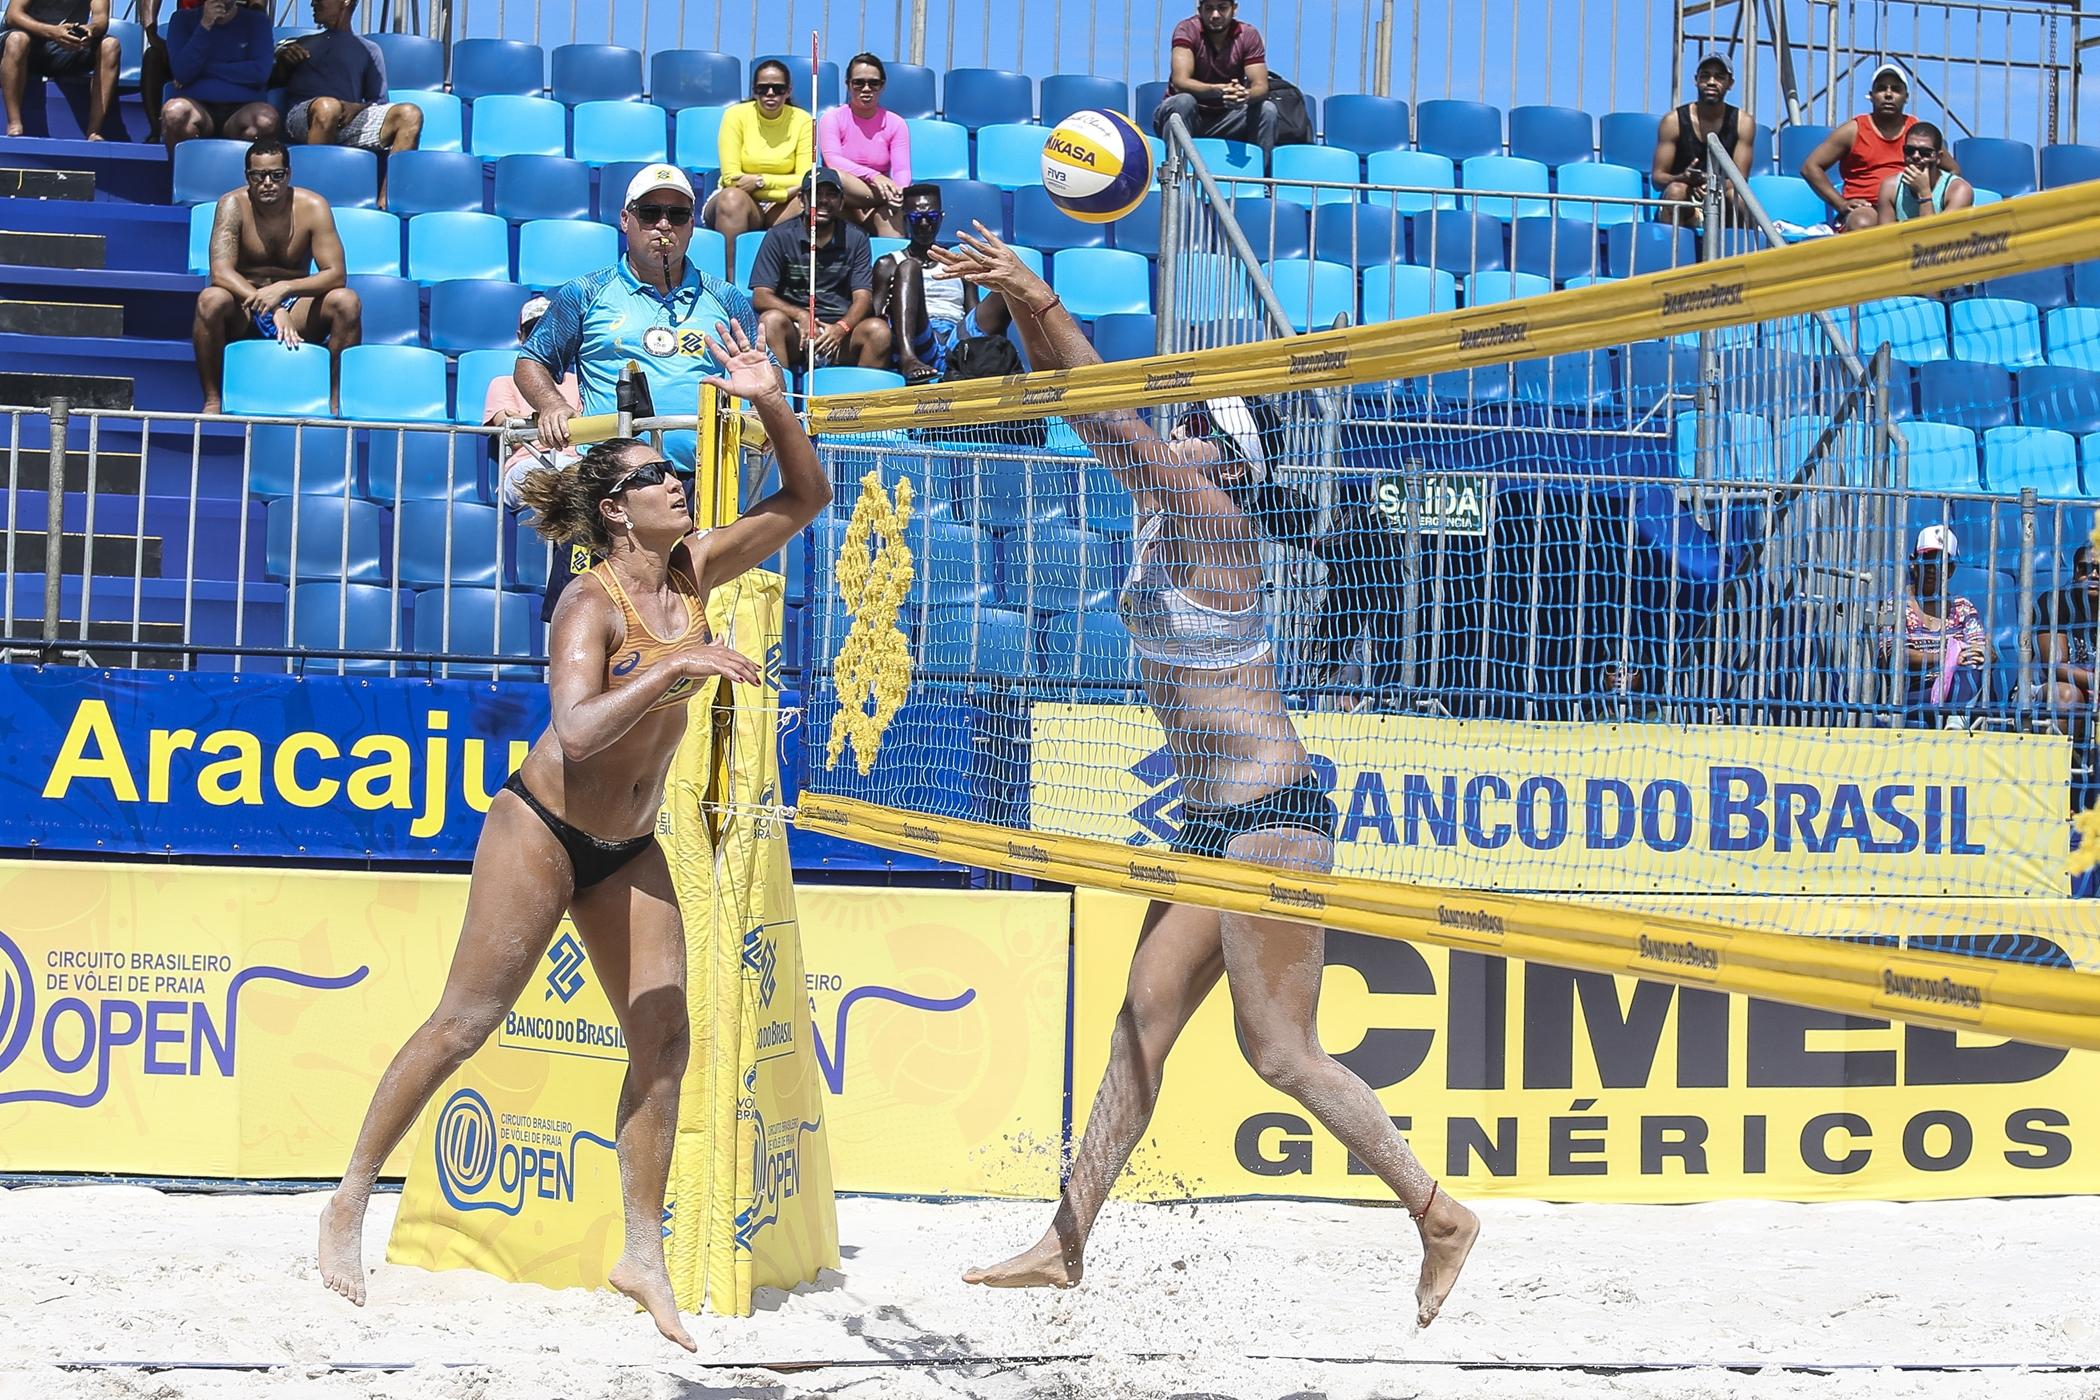 Oitavas de final do feminino são definidas e disputa pelo título segue acirrada